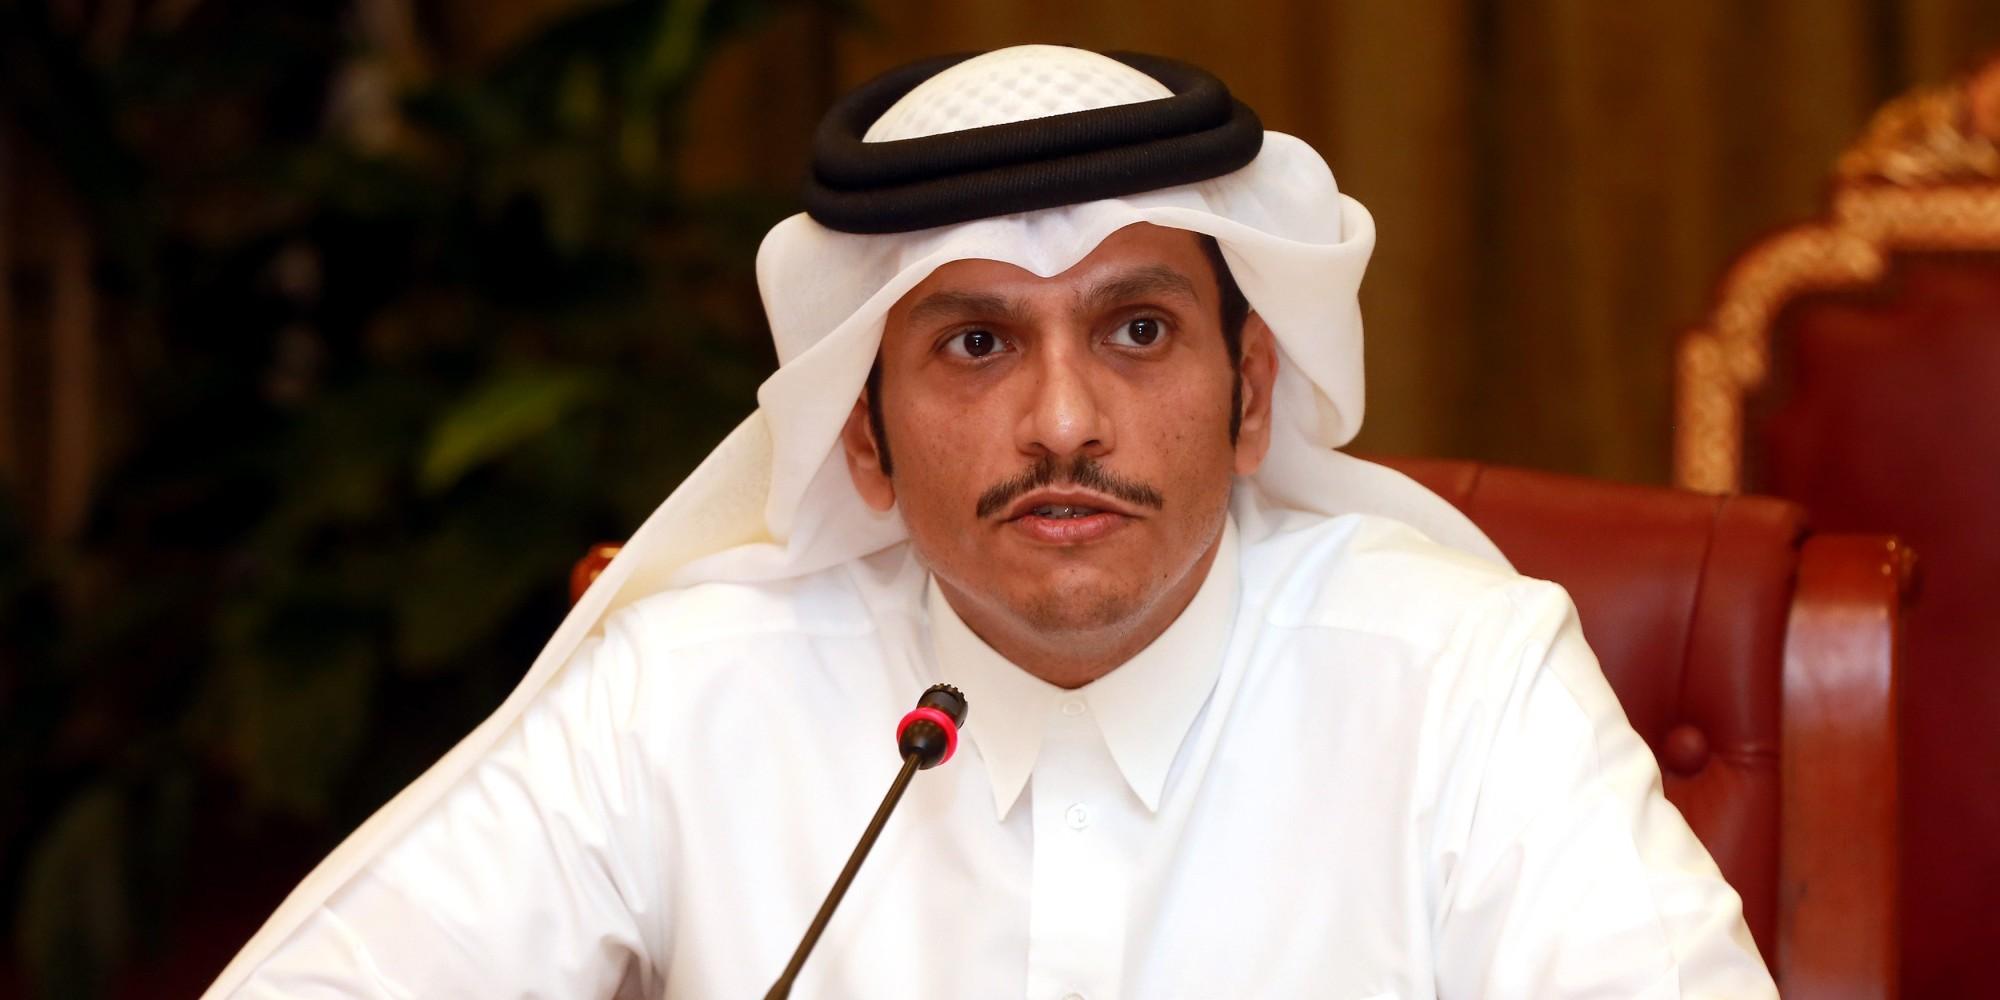 ميديل إيست آي: السعودية ترفع رهاناتها بقائمة المطالب.. وهذا ما يمكن لقطر أن تفعله